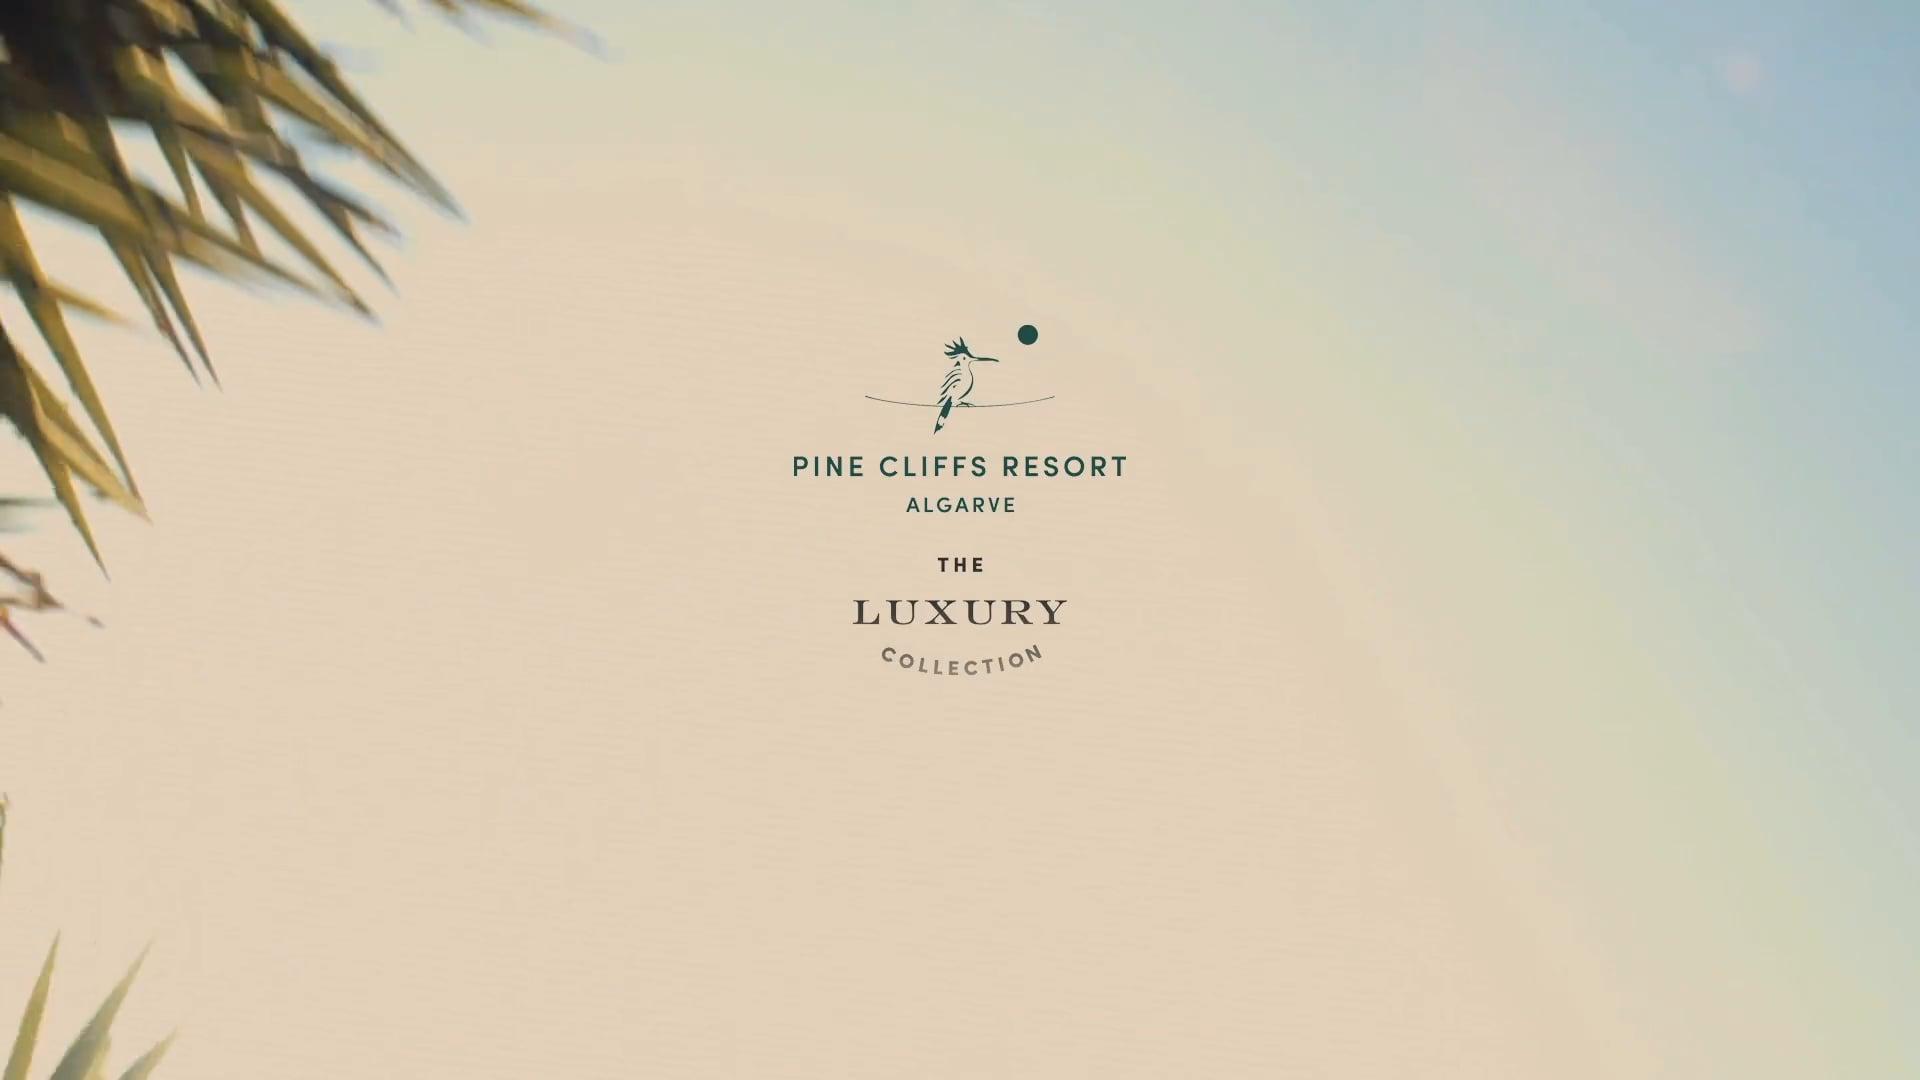 Pine Cliffs Luxury Resort